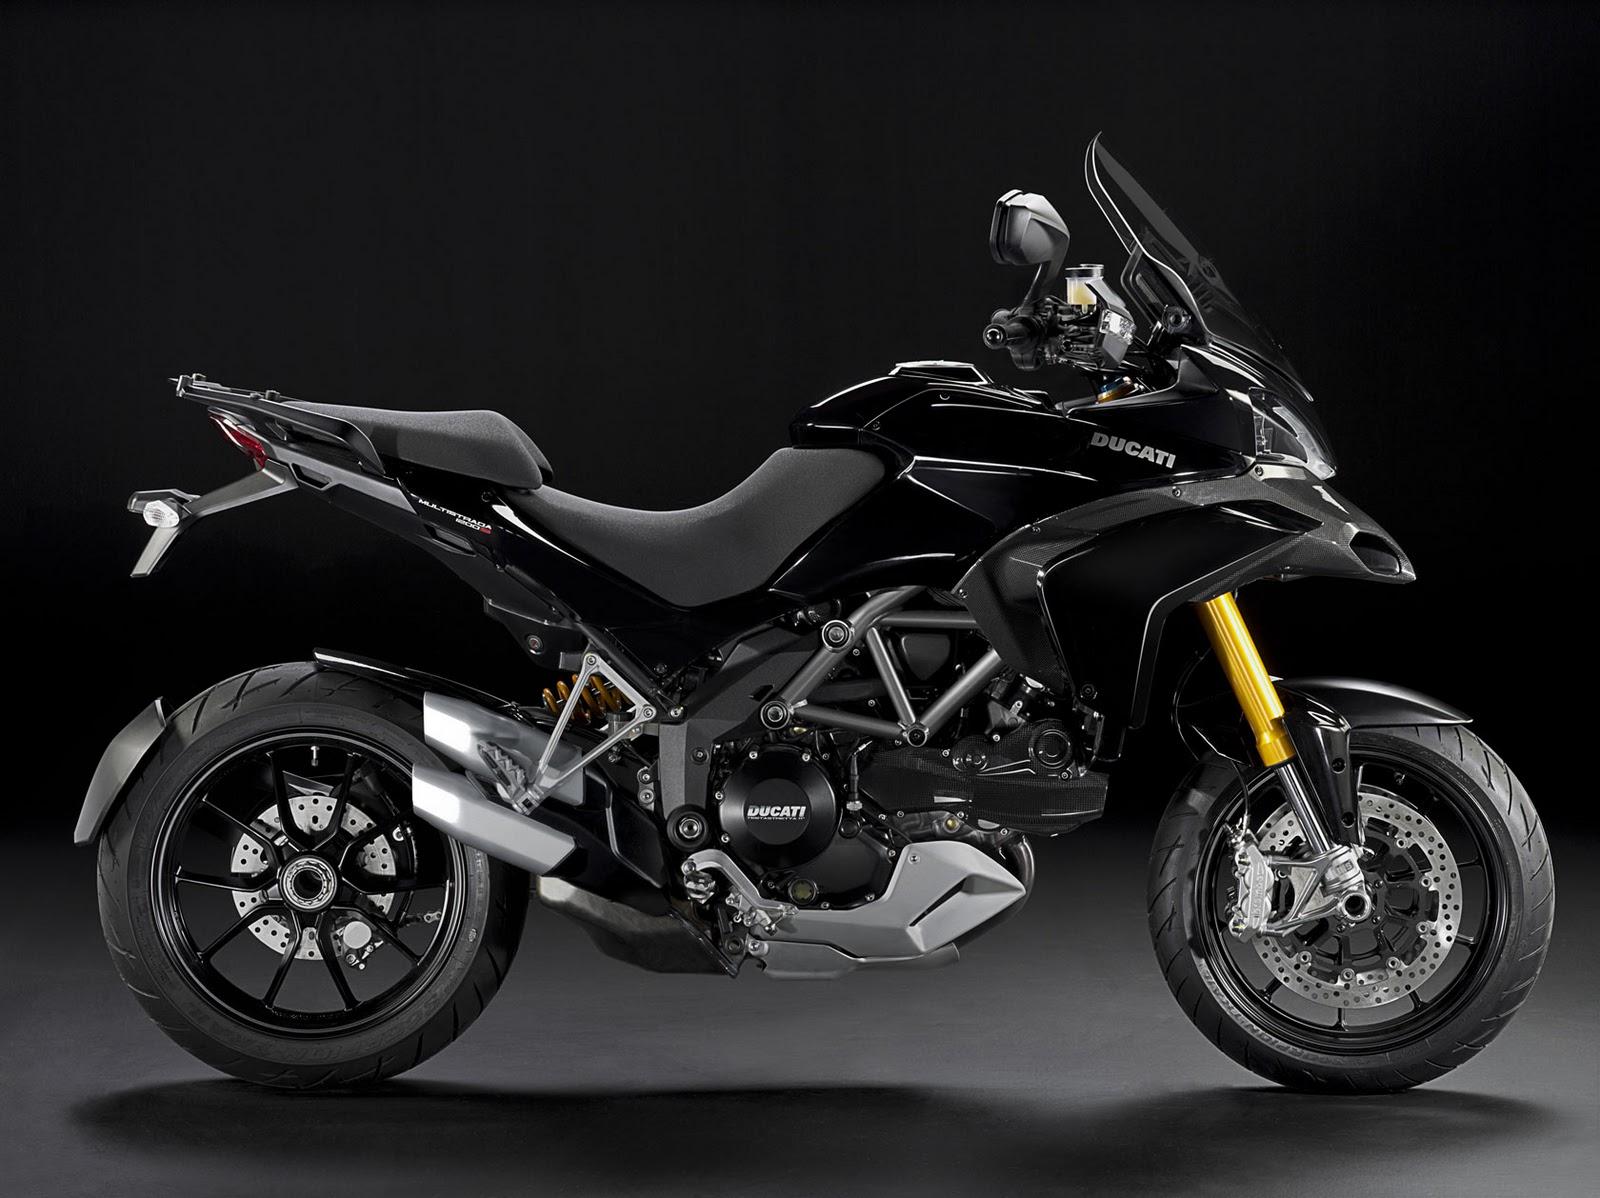 All About Ducati: Ducati Multistrada 1200 S Touring Concept